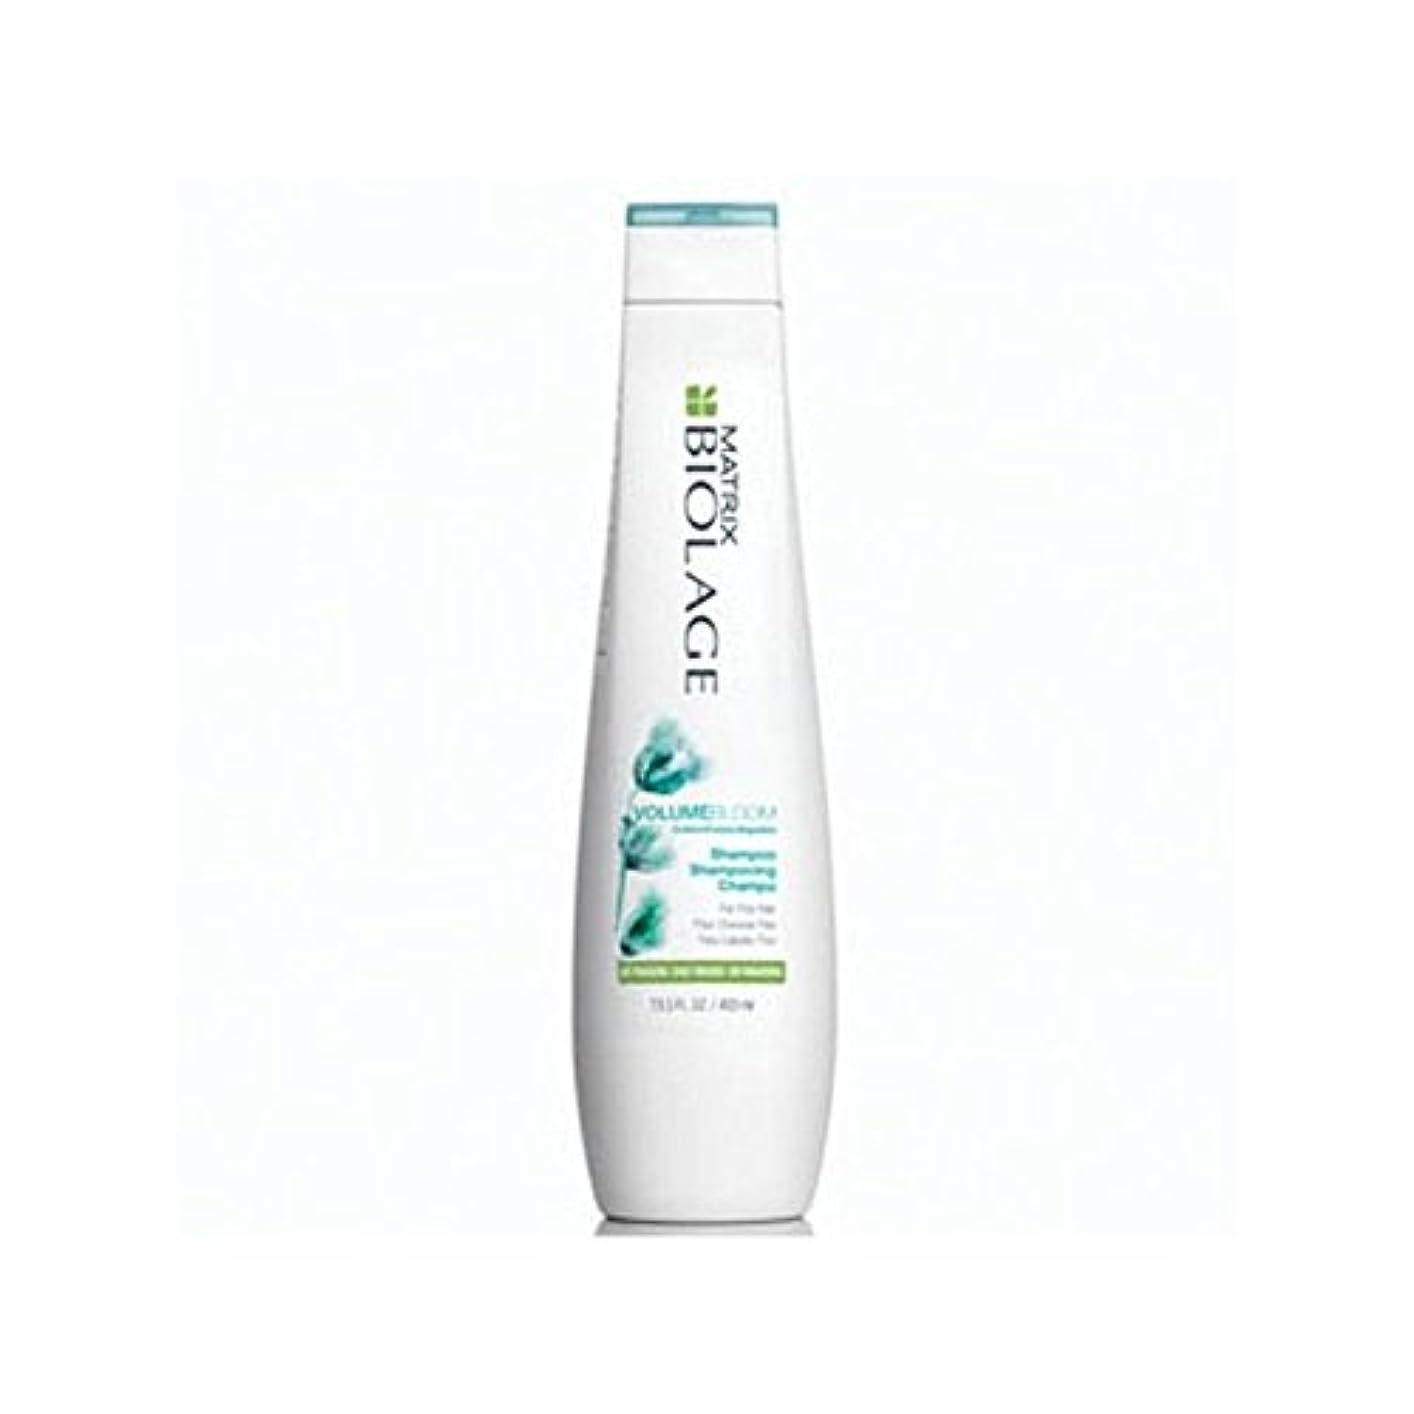 付録代数修道院マトリックスバイオレイジのシャンプー(400ミリリットル) x4 - Matrix Biolage Volumebloom Shampoo (400ml) (Pack of 4) [並行輸入品]